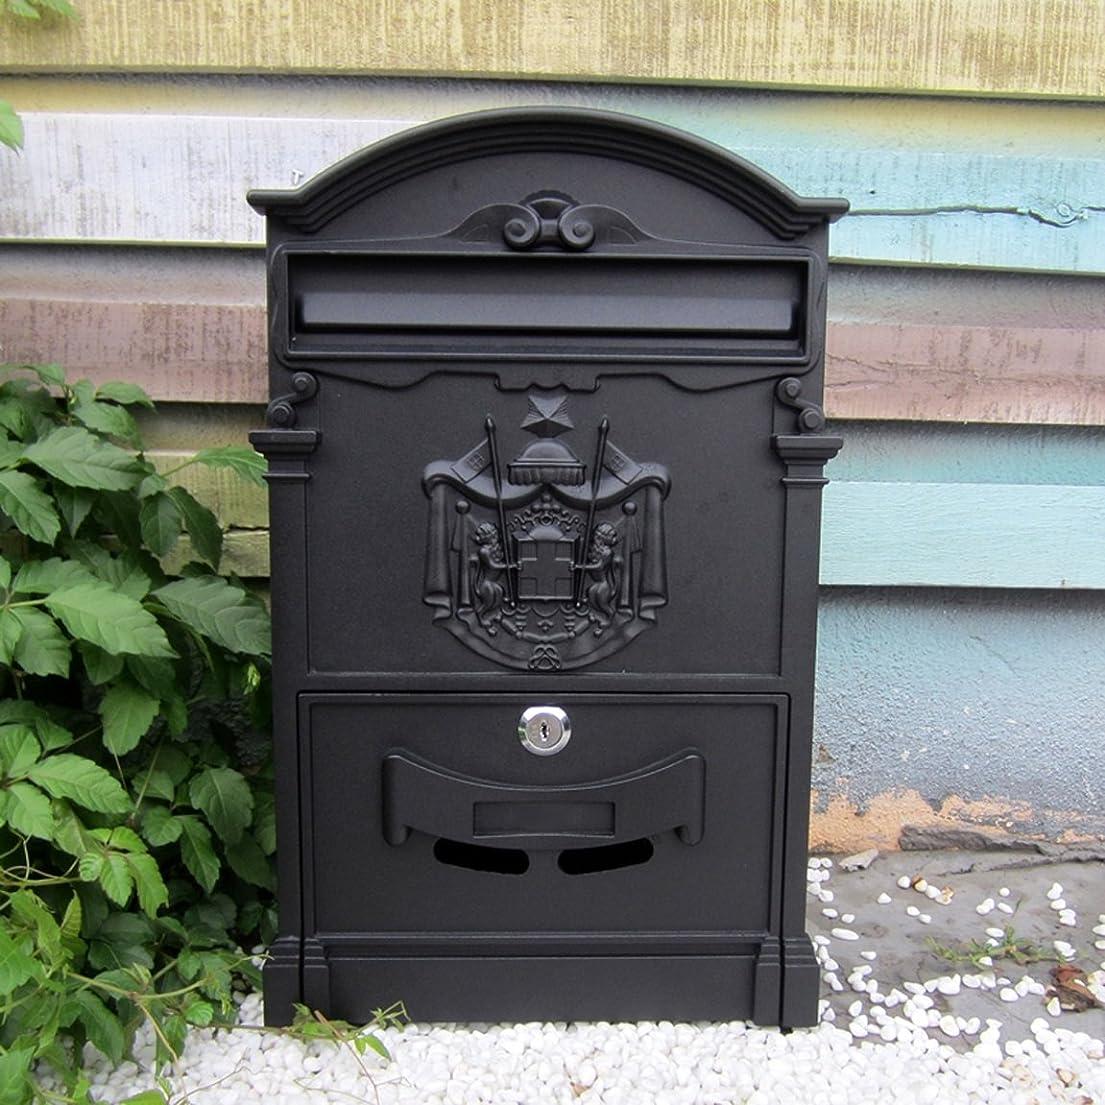 文句を言う長いです十年HZBc ヨーロッパスタイルのヴィラ、レターボックス、屋外防水壁吊り郵便箱、庭のレトロメールボックス、壁掛け装飾、シャンウェンブラック